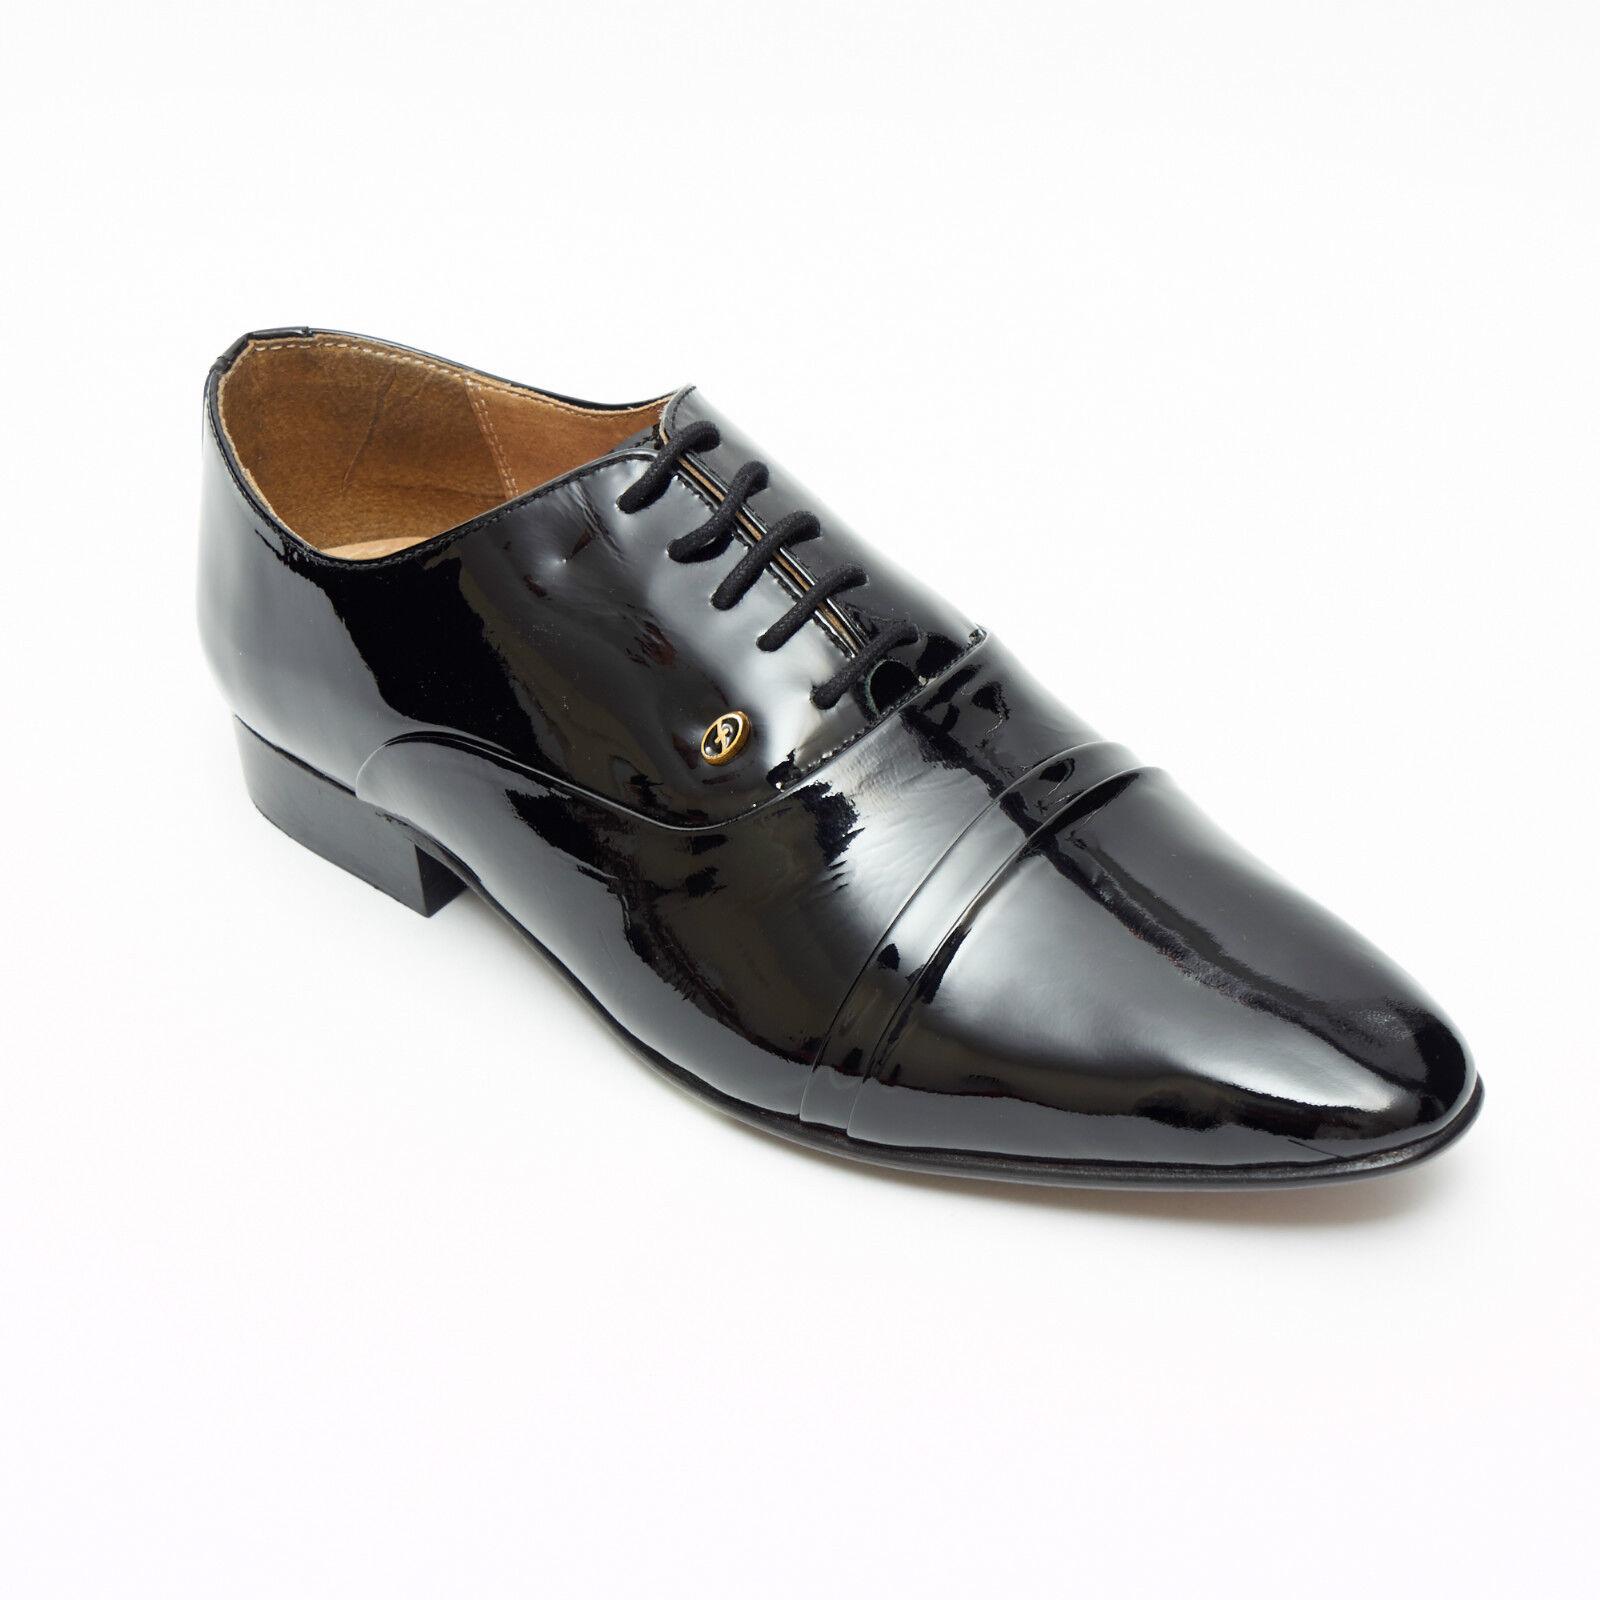 Mens Patent Leather Piegato Cap  Oxford Scarpe nero  acquista online oggi